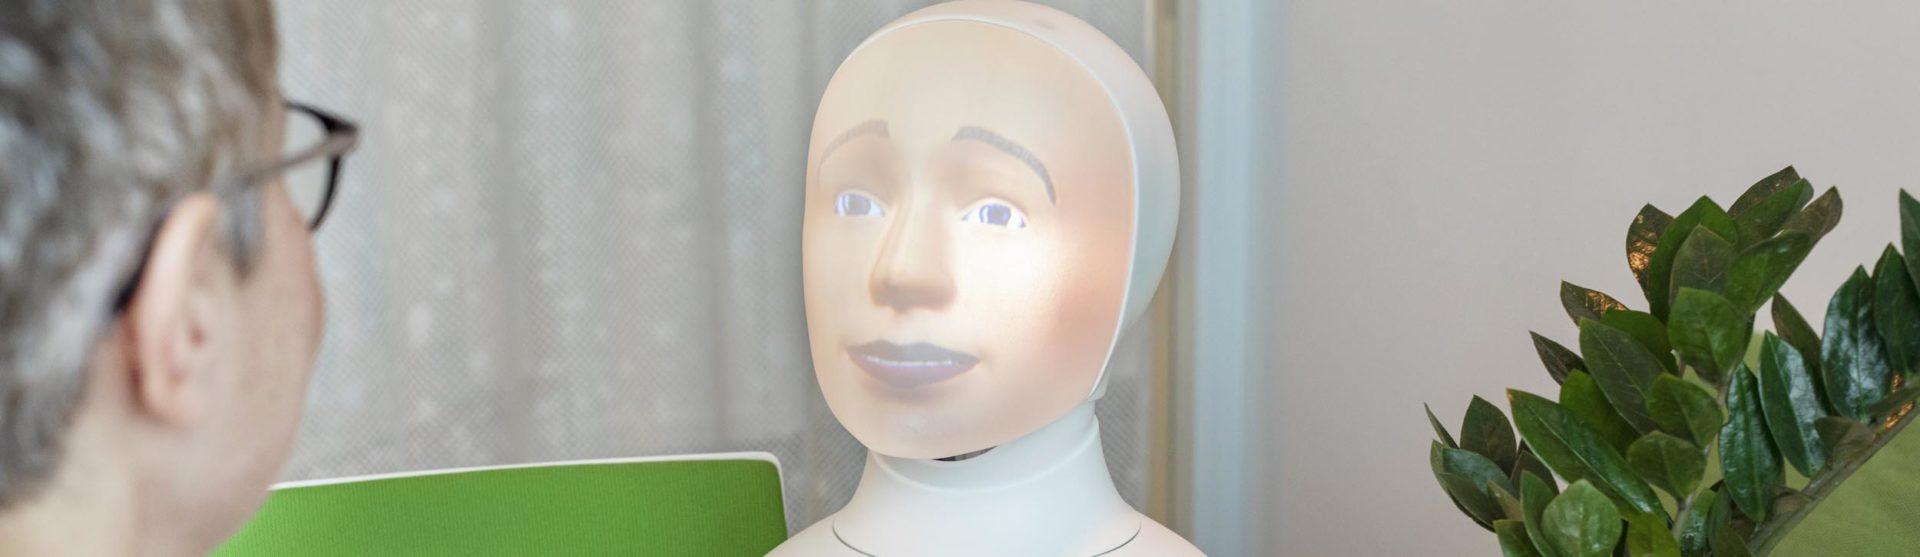 Rekrytera fördomsfritt med Tengai – världens första fördomsfria intervjurobot